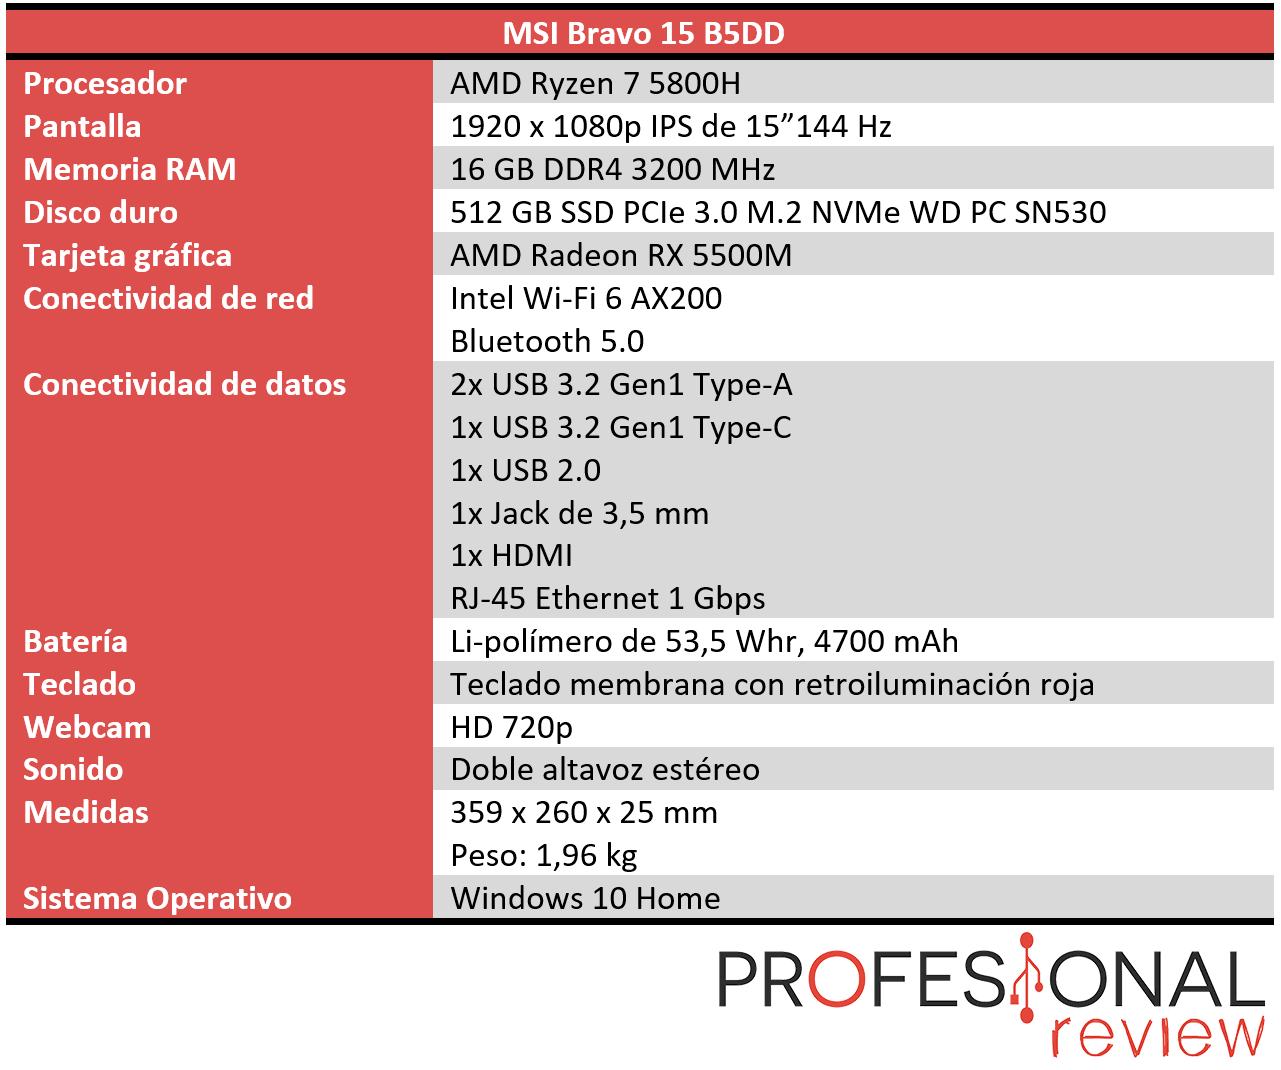 MSI Bravo 15 B5DD Características